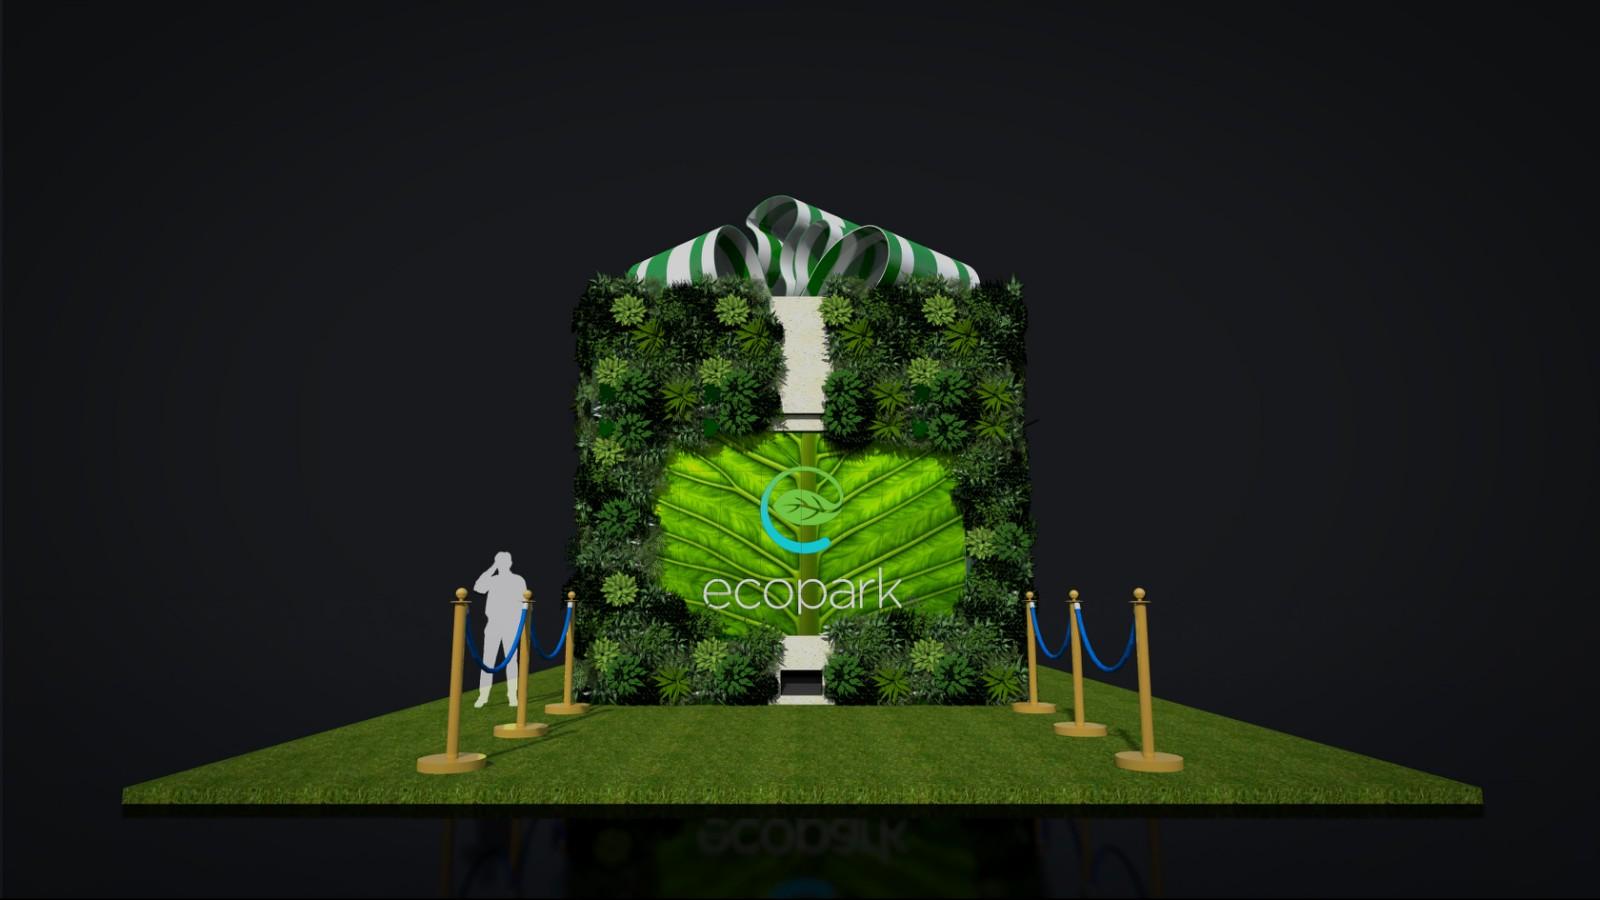 Hộp quà may mắn, Chạm tay là có quà tại Ecopark